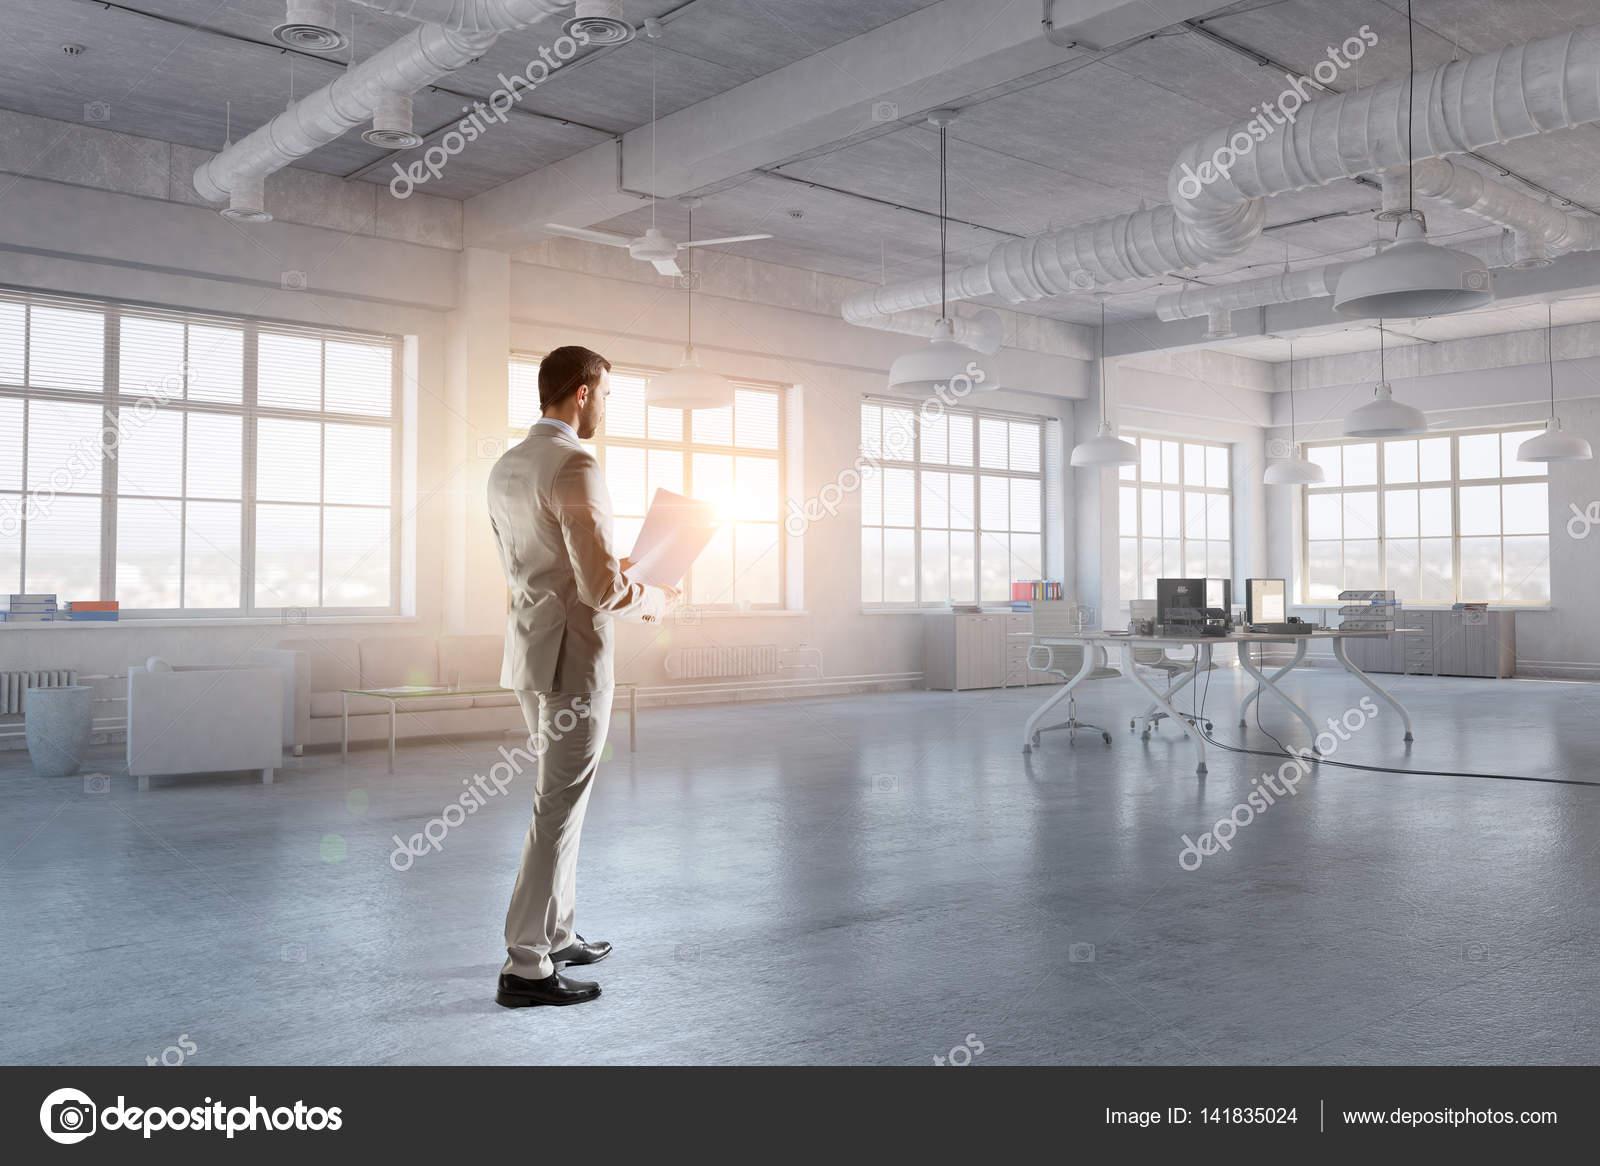 Ufficio Primo : Primo mattino in ufficio. tecnica mista u2014 foto stock © sergeynivens